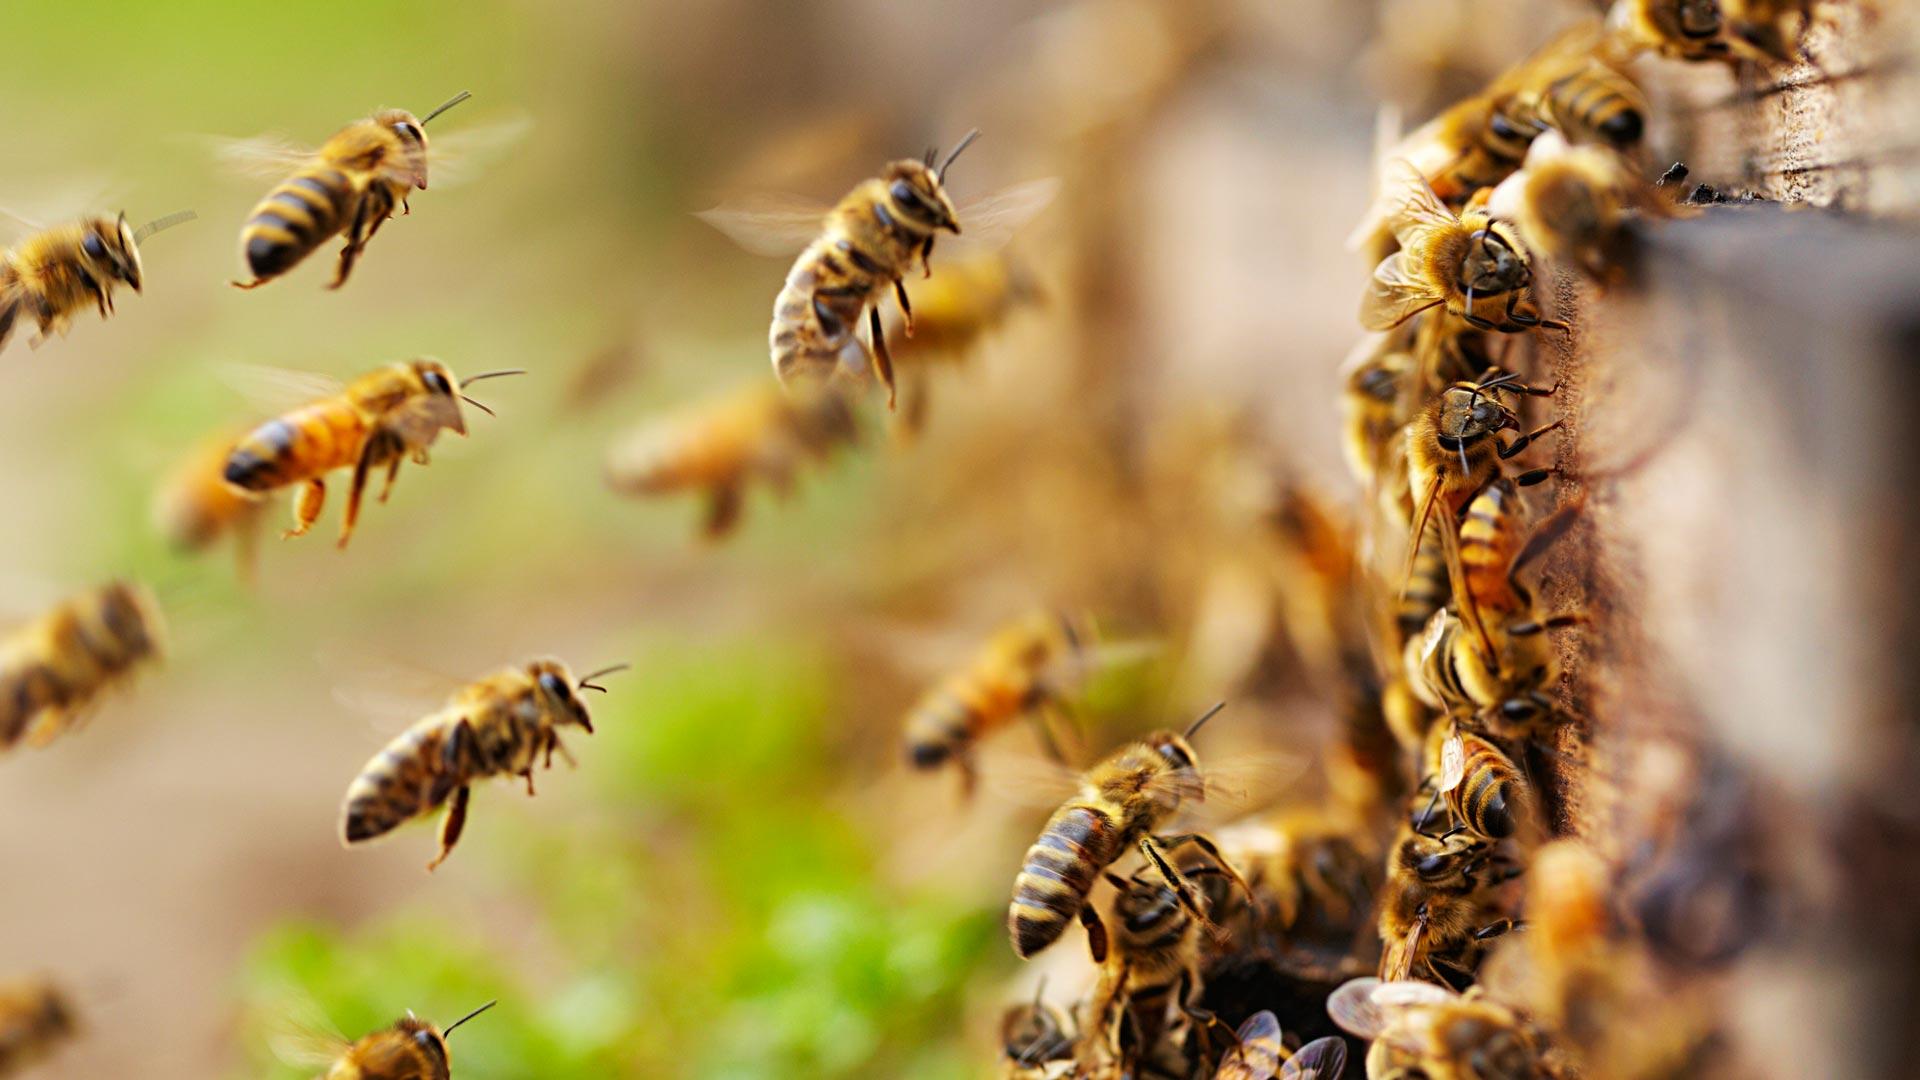 Tuore kiinalaistutkimus on löytänyt mehiläisiltä uudenlaisen manalasignaalin.